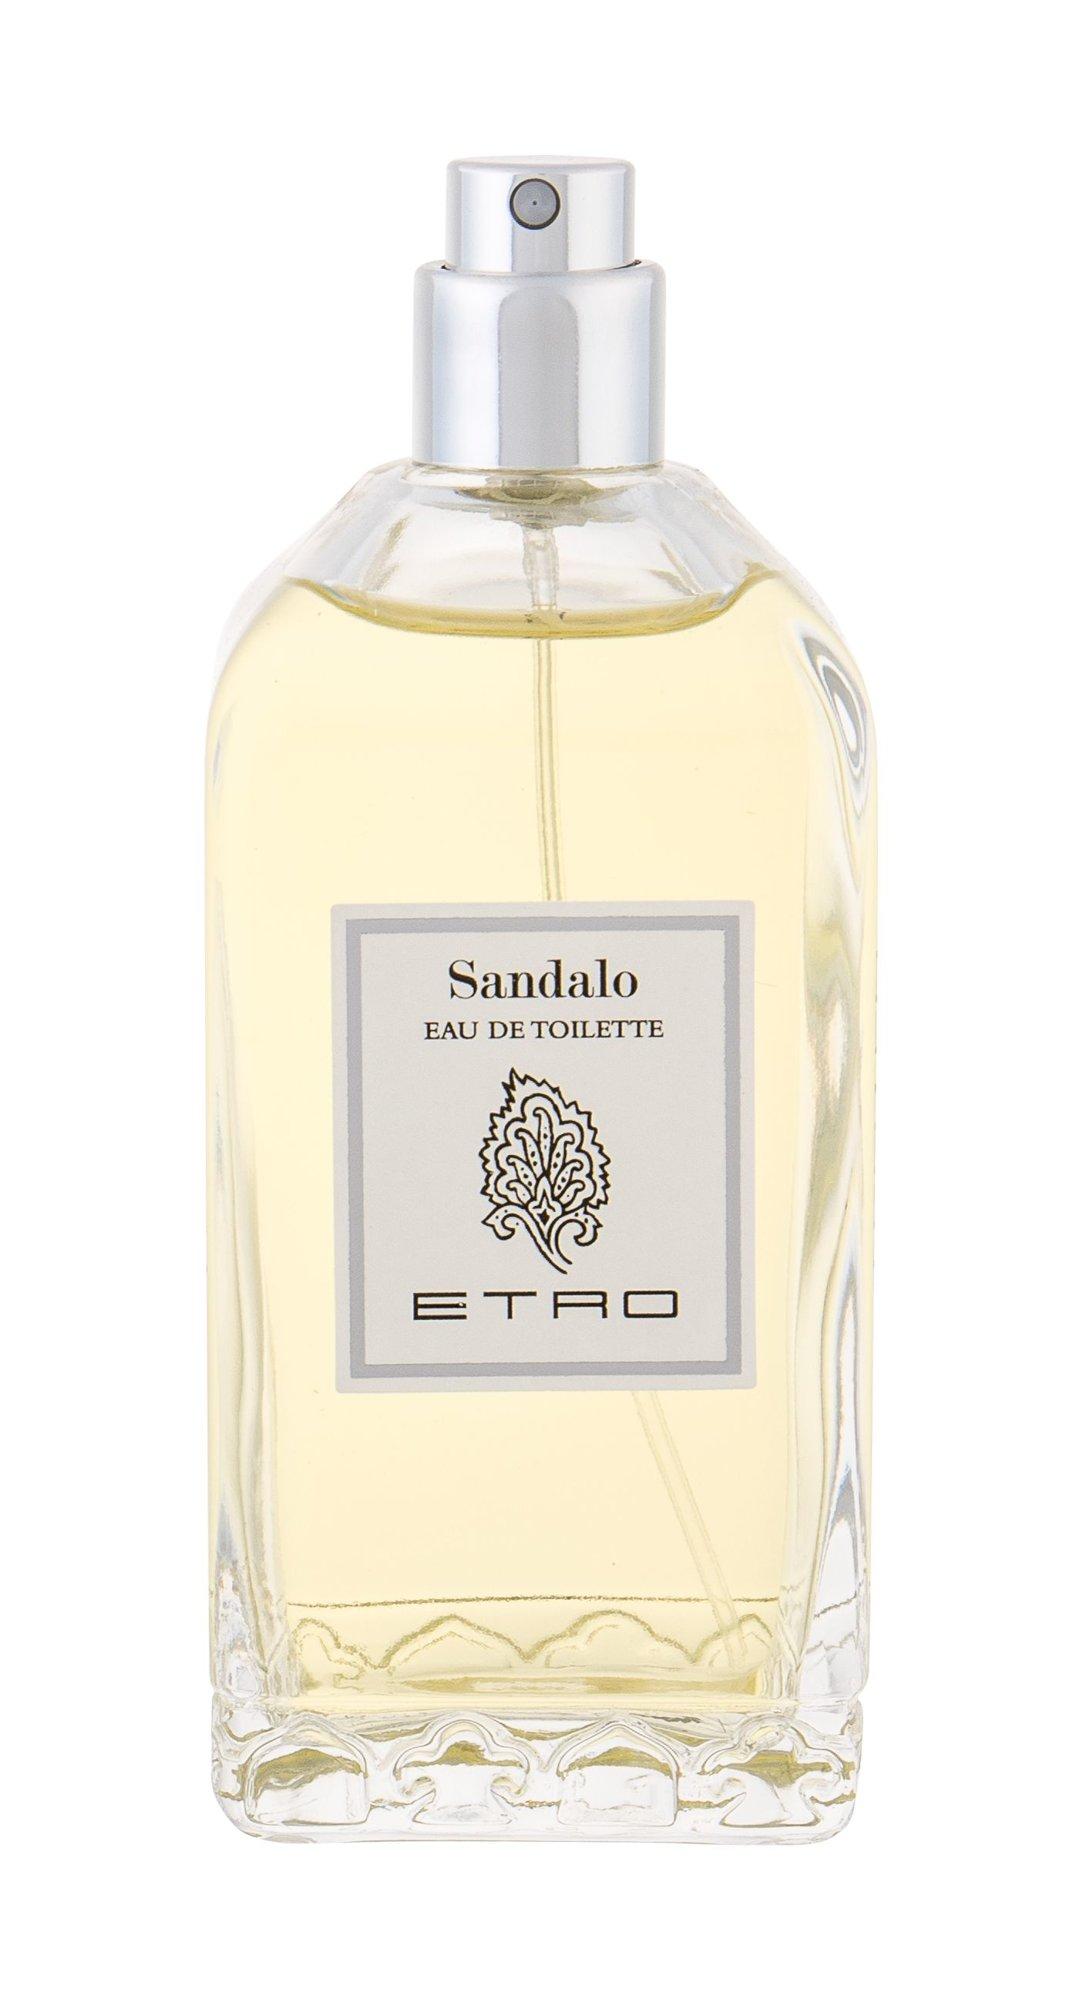 ETRO Sandalo EDT 100ml